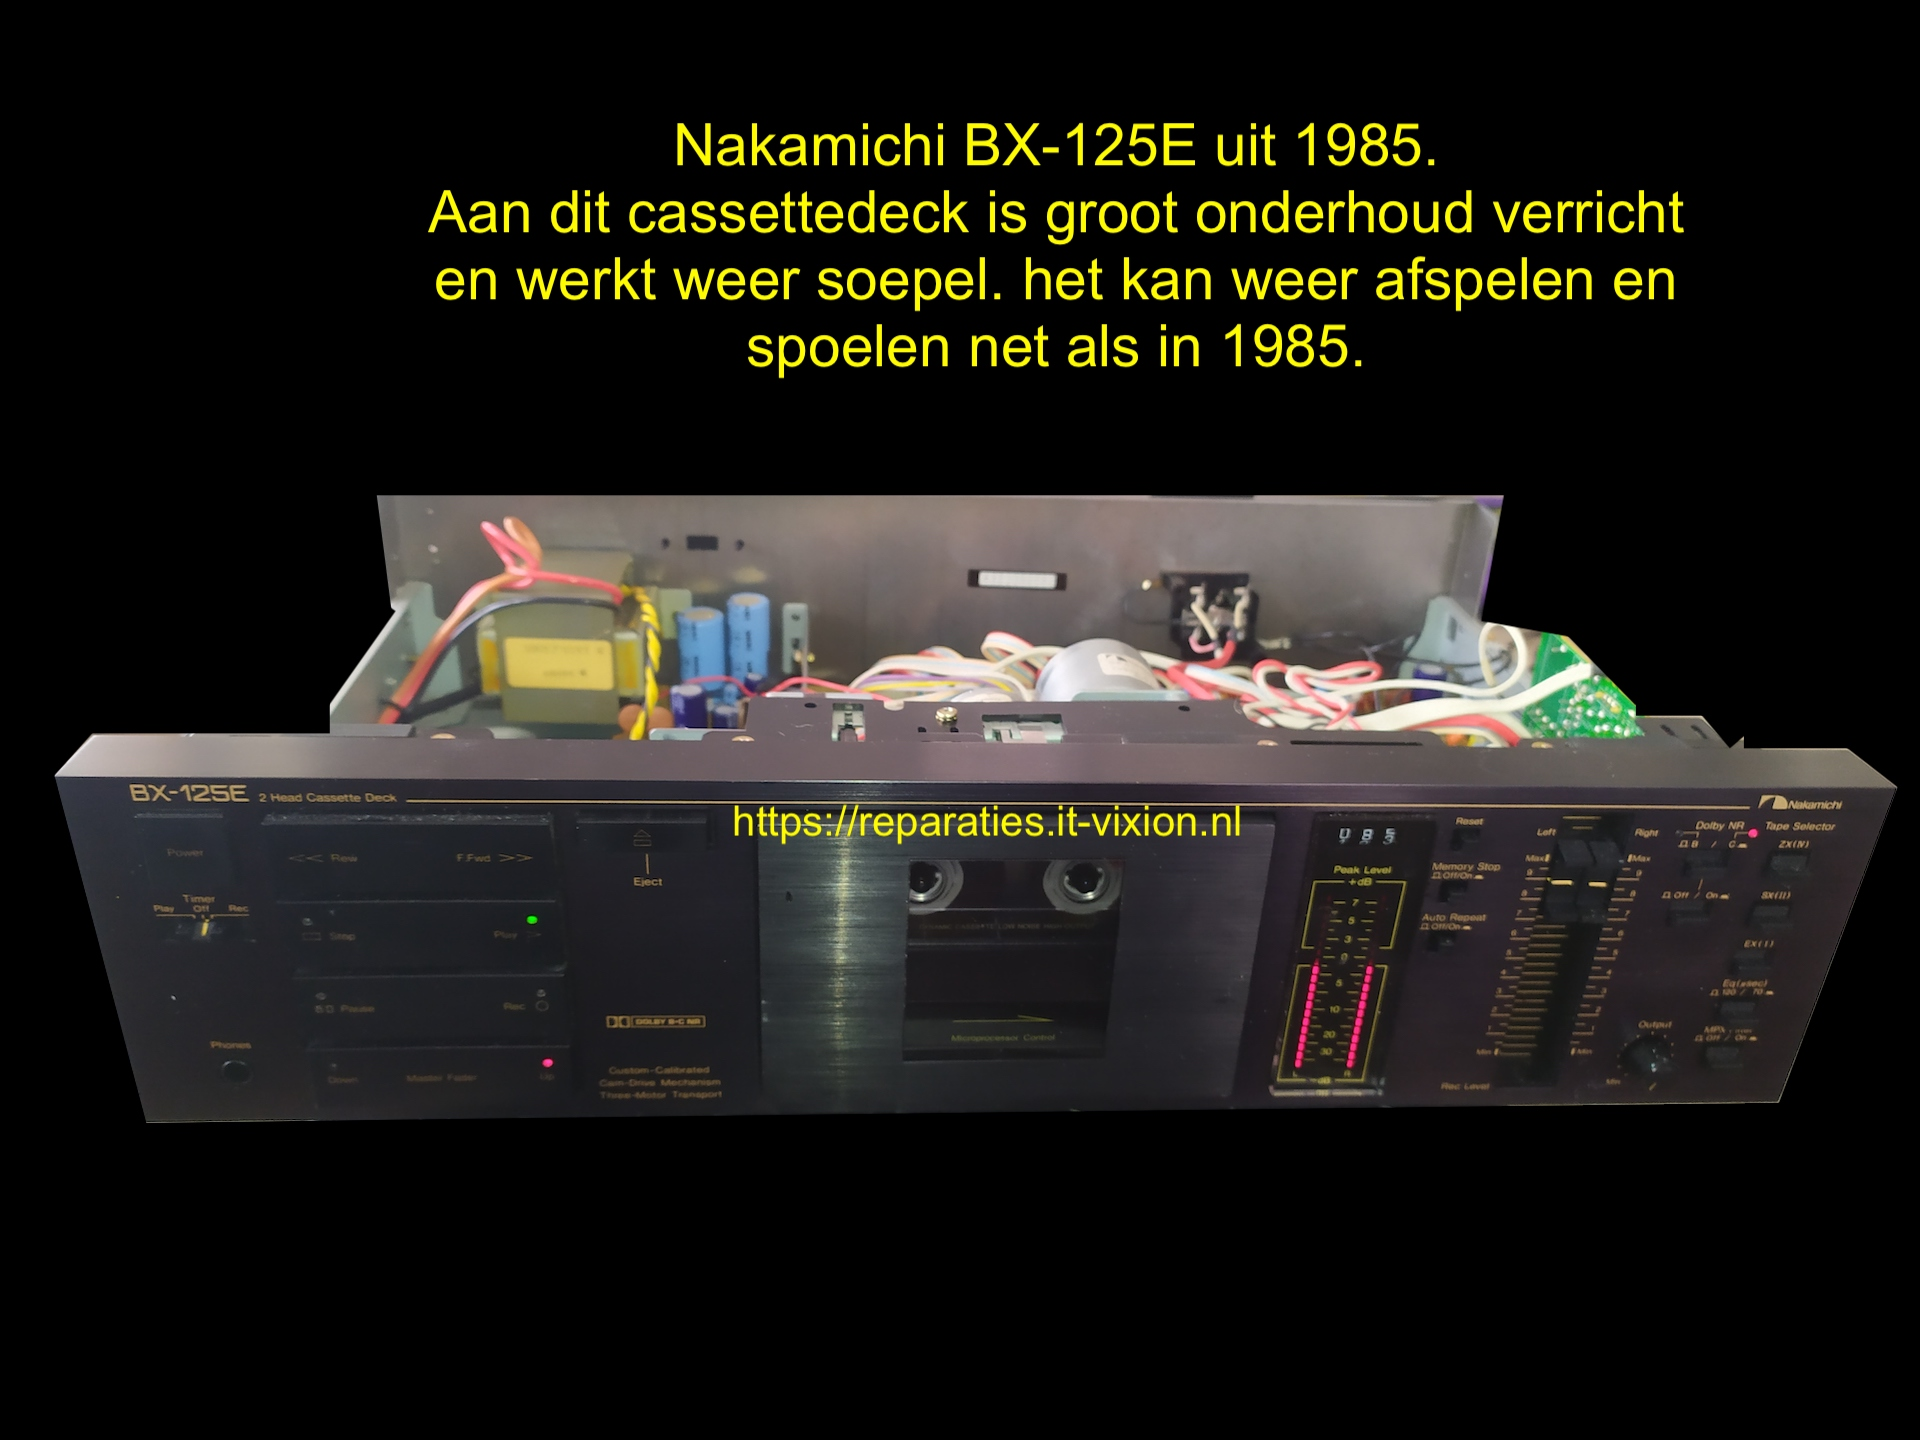 Nakamichi BX-125E uit 1985